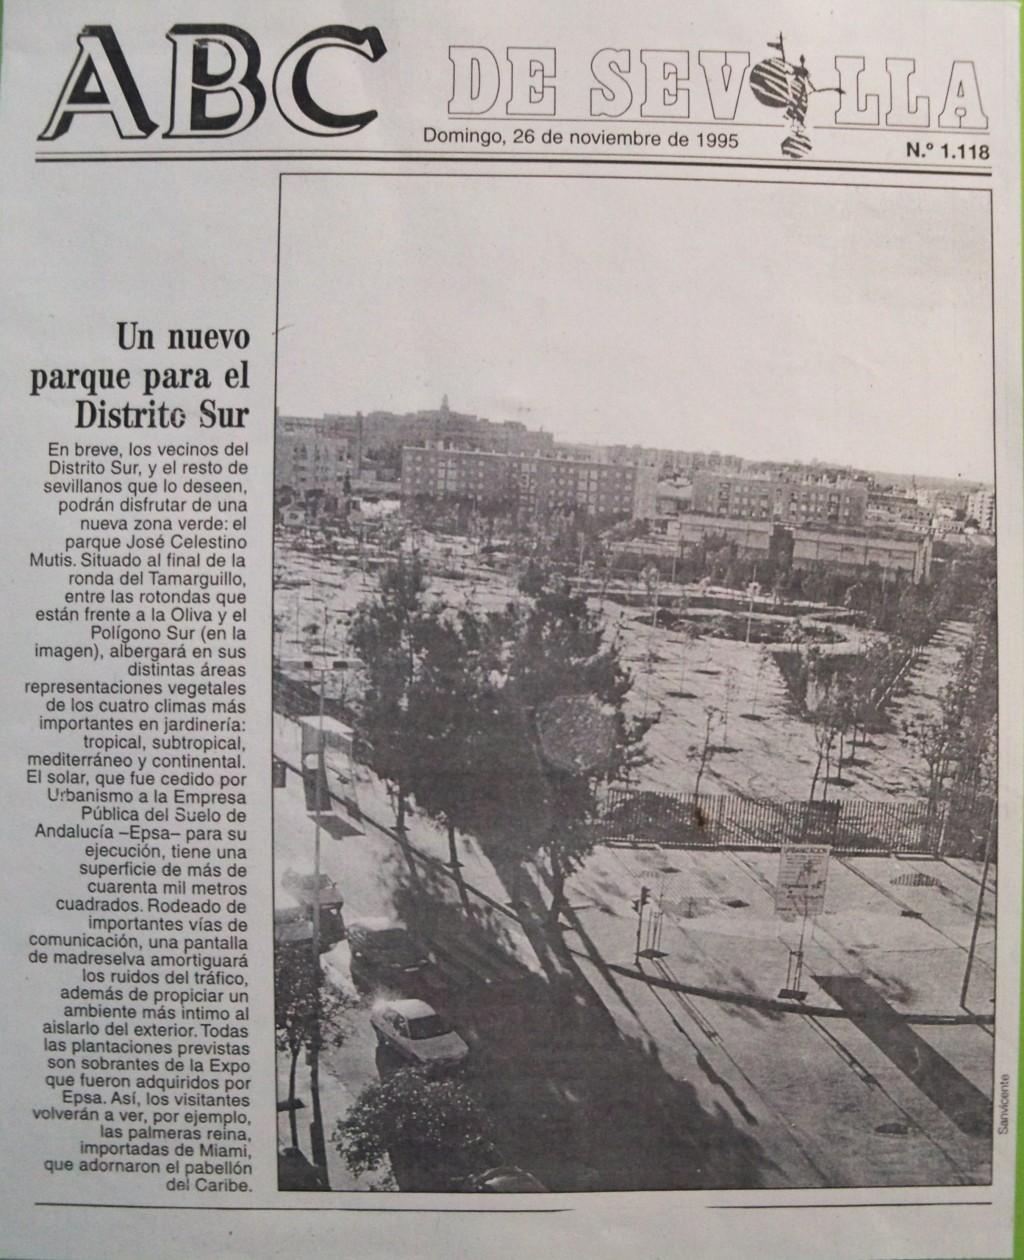 La prensa recoge la inauguración del parque el día 19 de junio de 1997